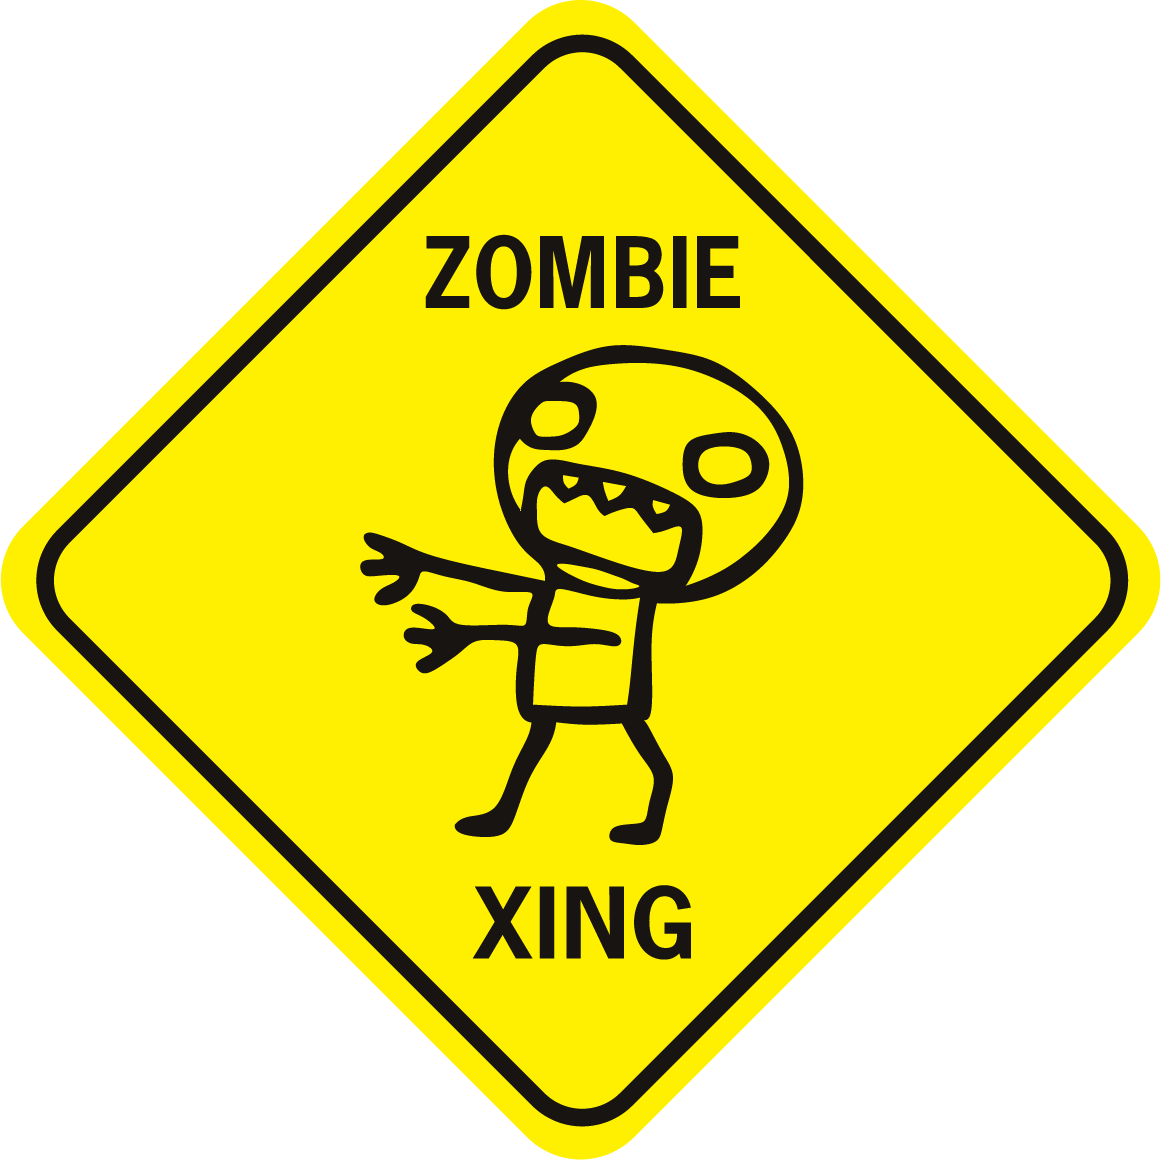 Zombie Xing